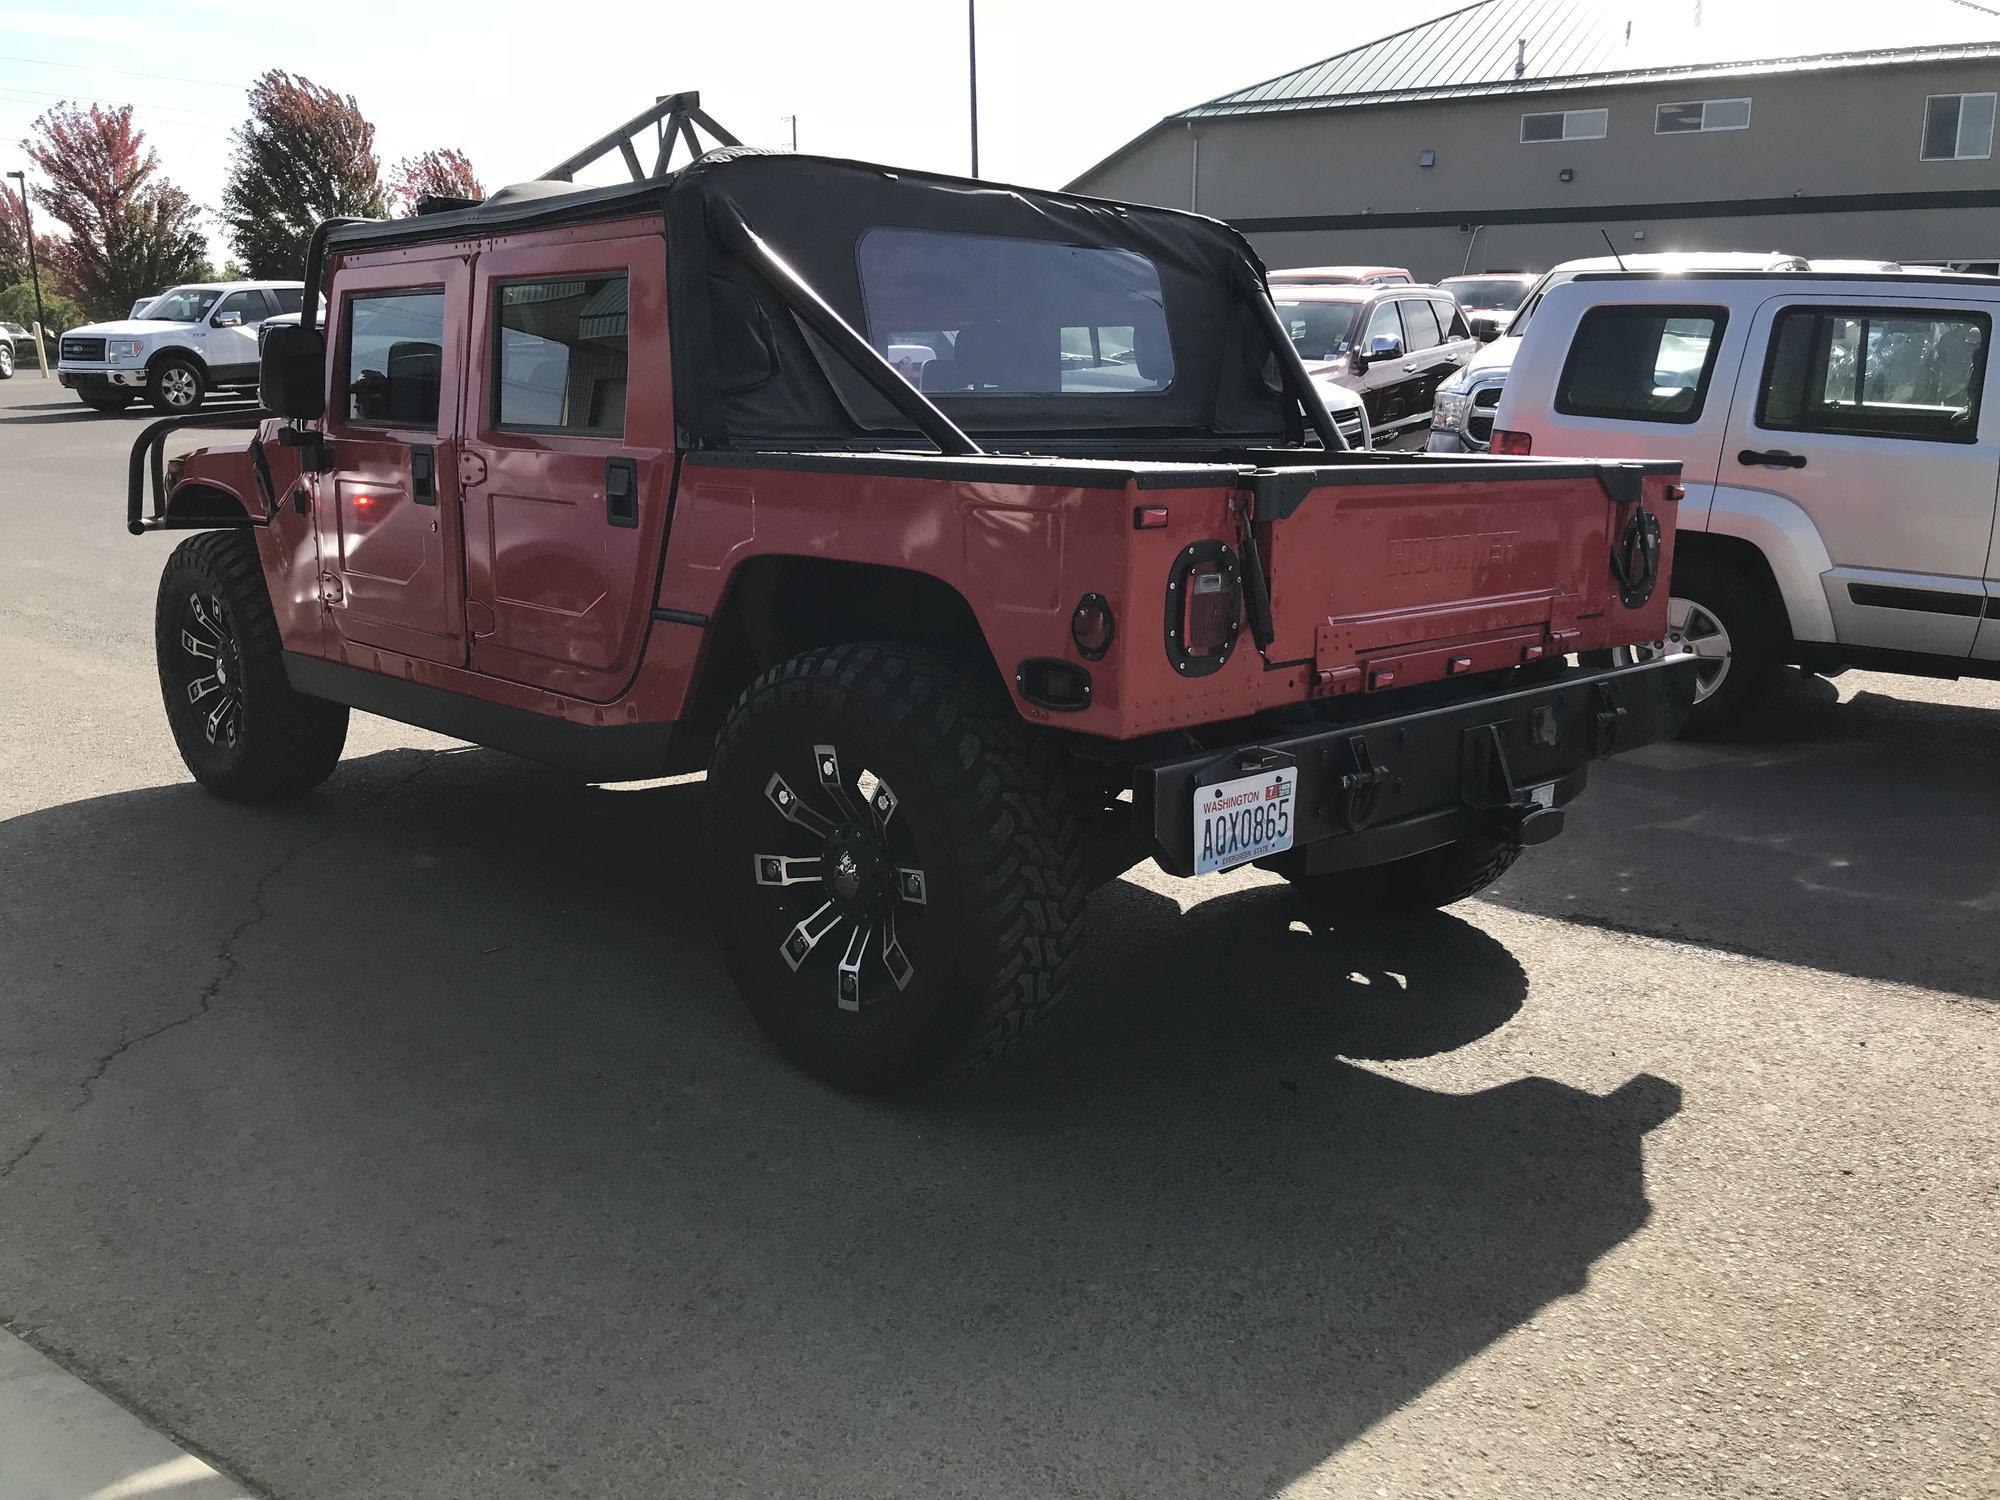 for sale\u20141997 hummer h1 truck 38000 miles hummer forums